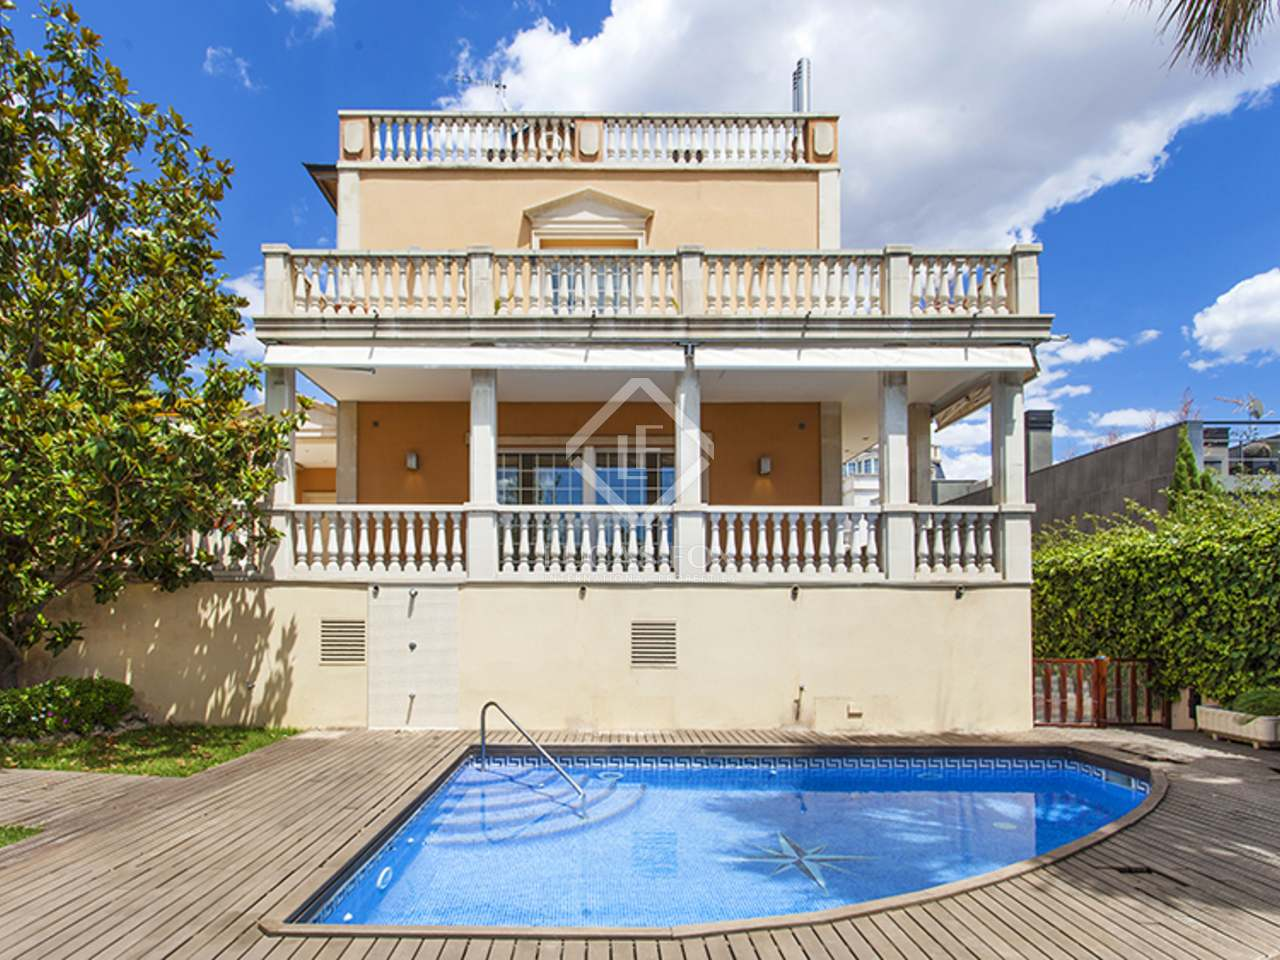 Casa con jard n y piscina en venta en zona alta barcelona for Casa jardin barcelona